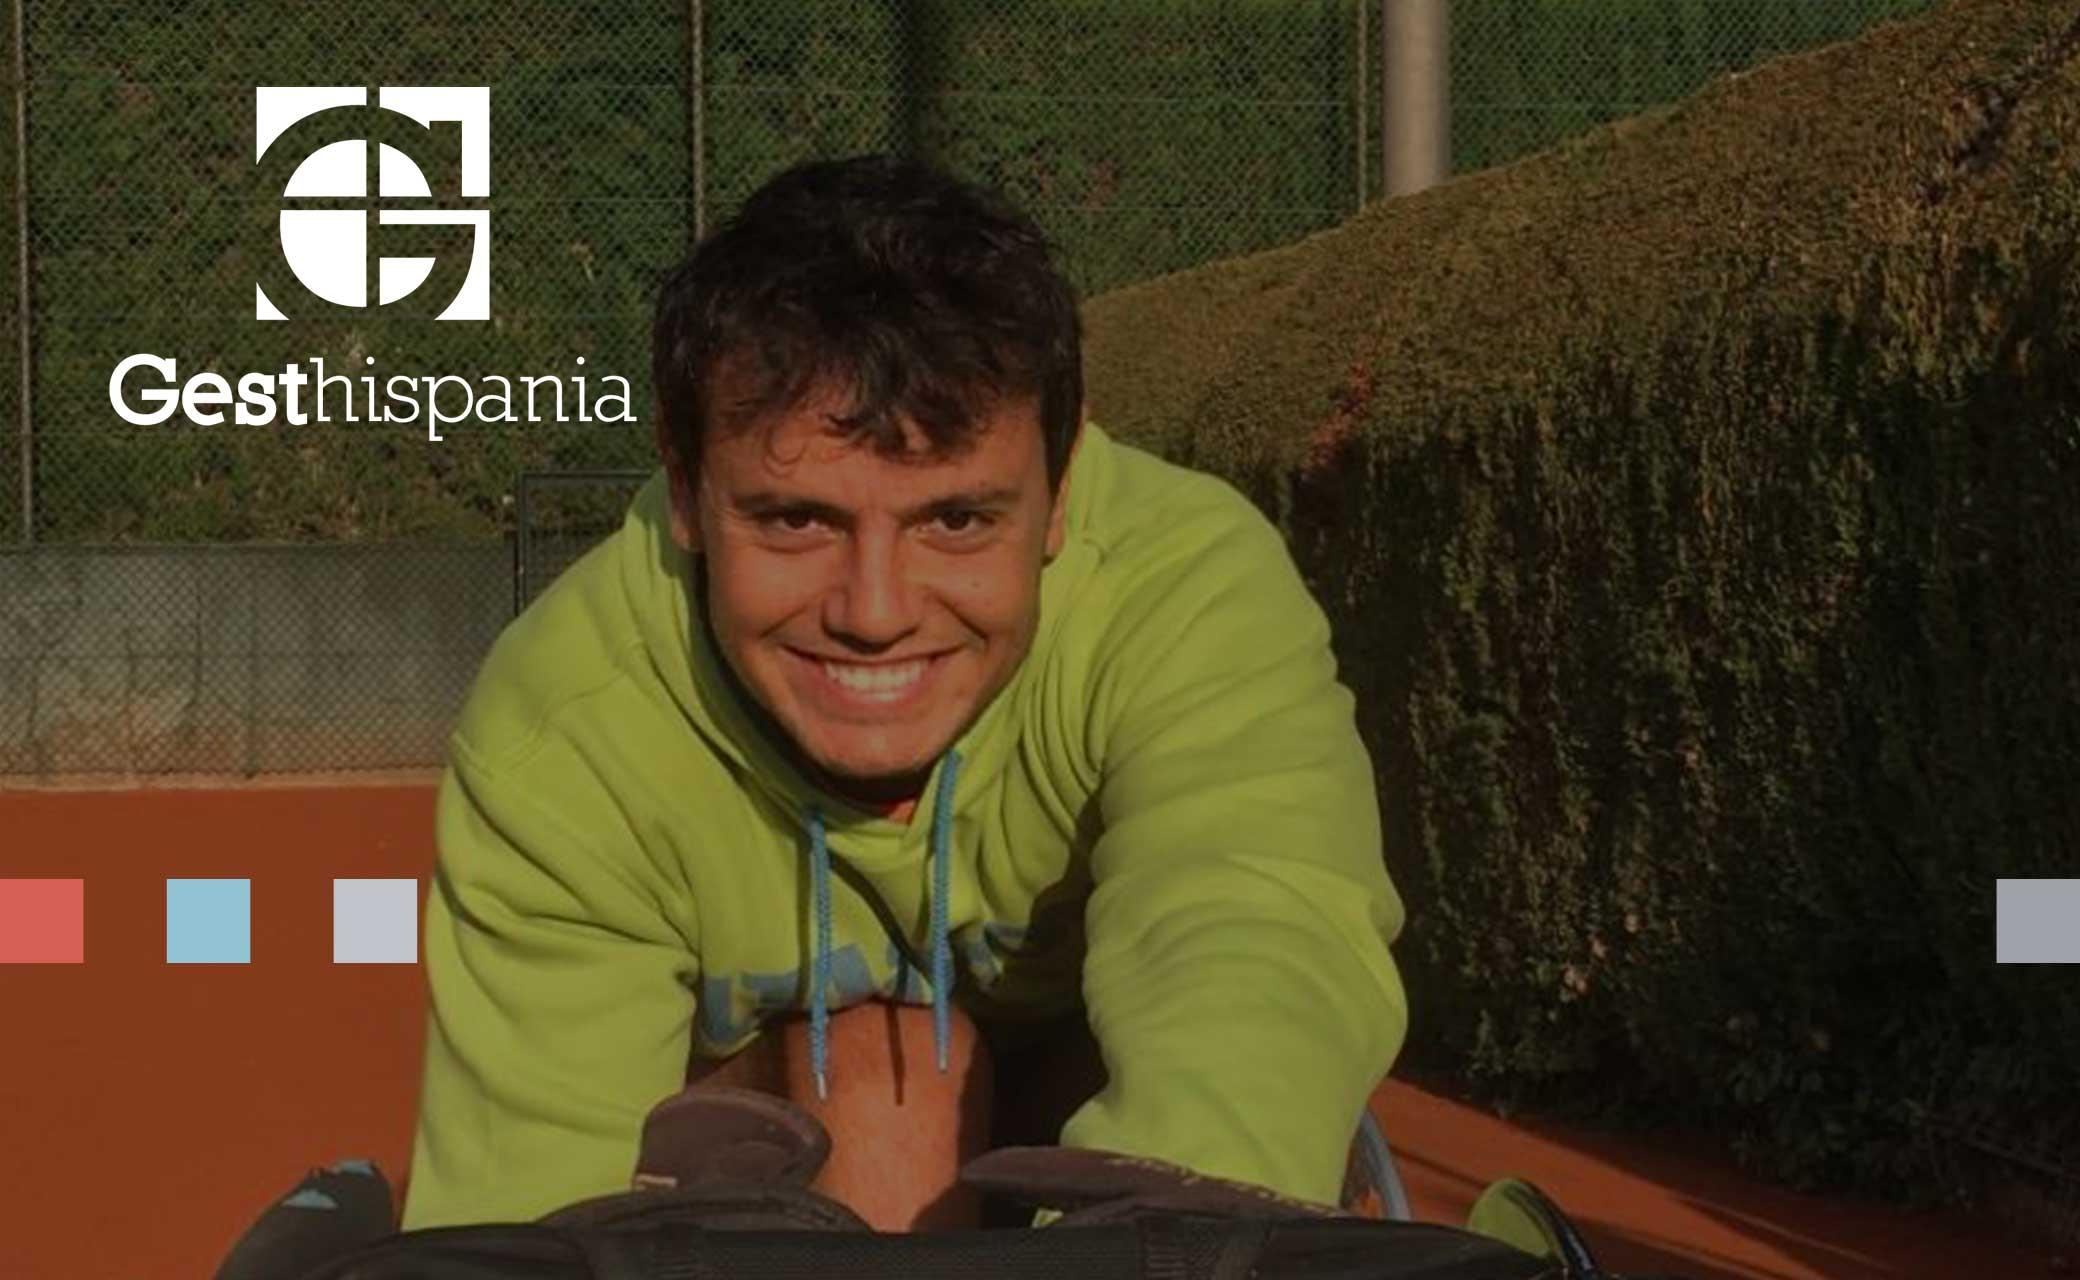 Cisco García, el patrocinado de Gesthispania